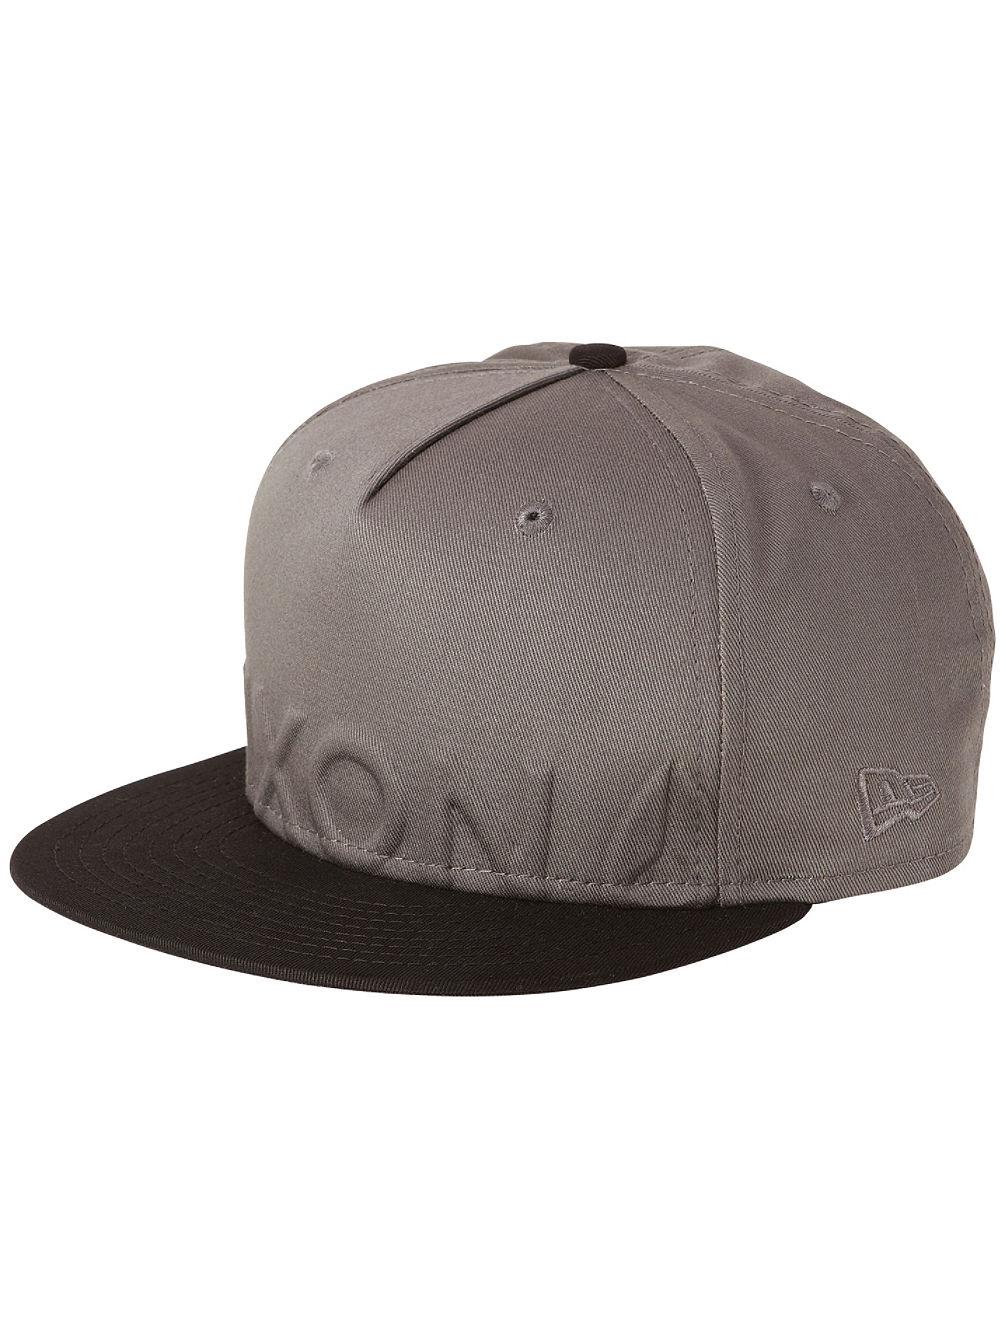 nixon-ira-new-era-cap